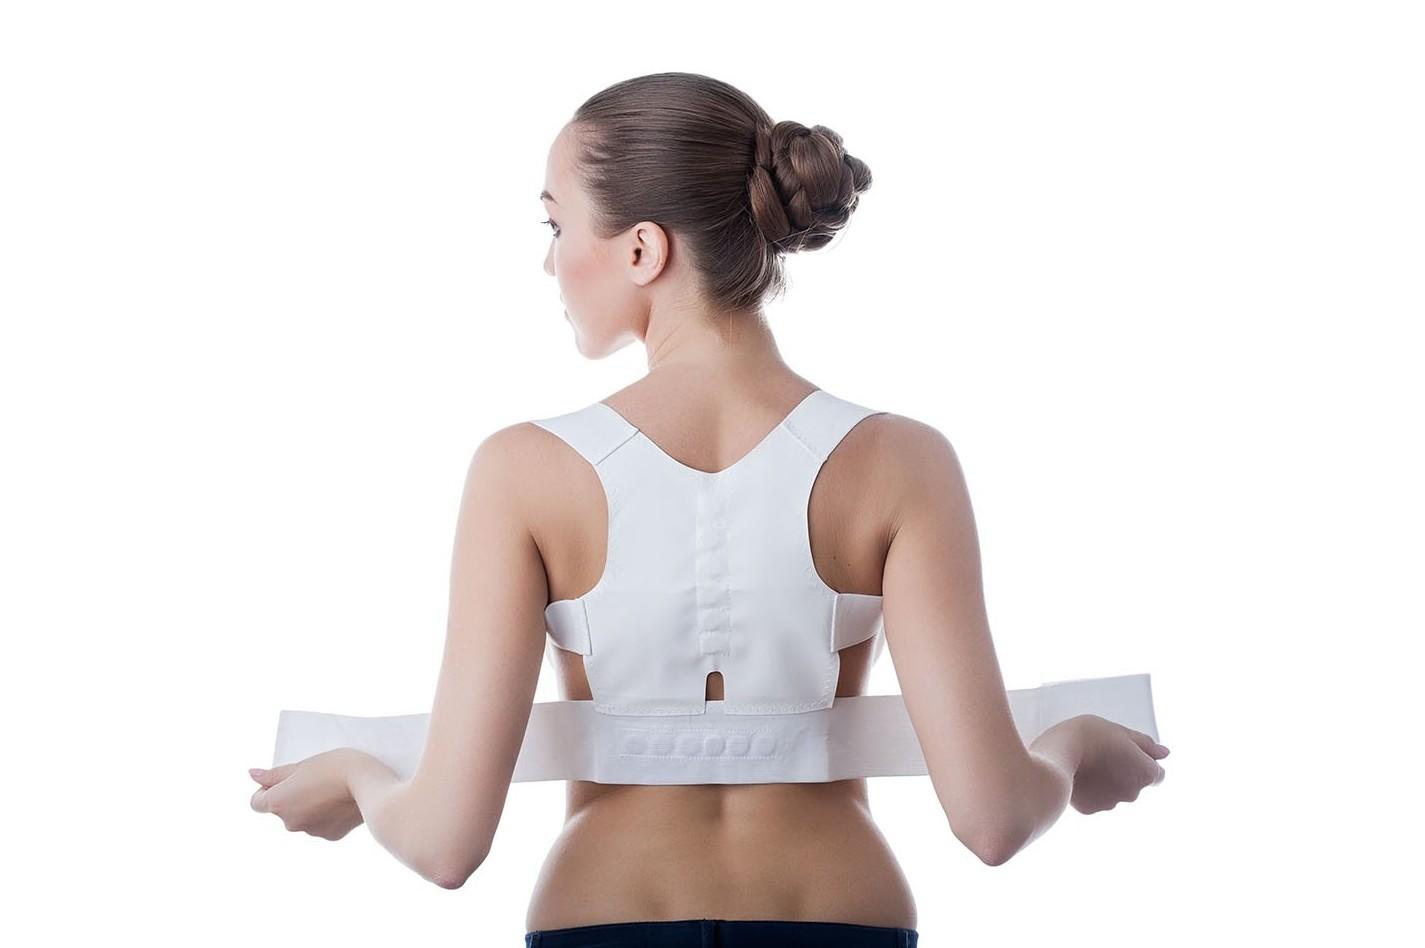 как носить корсет для спины